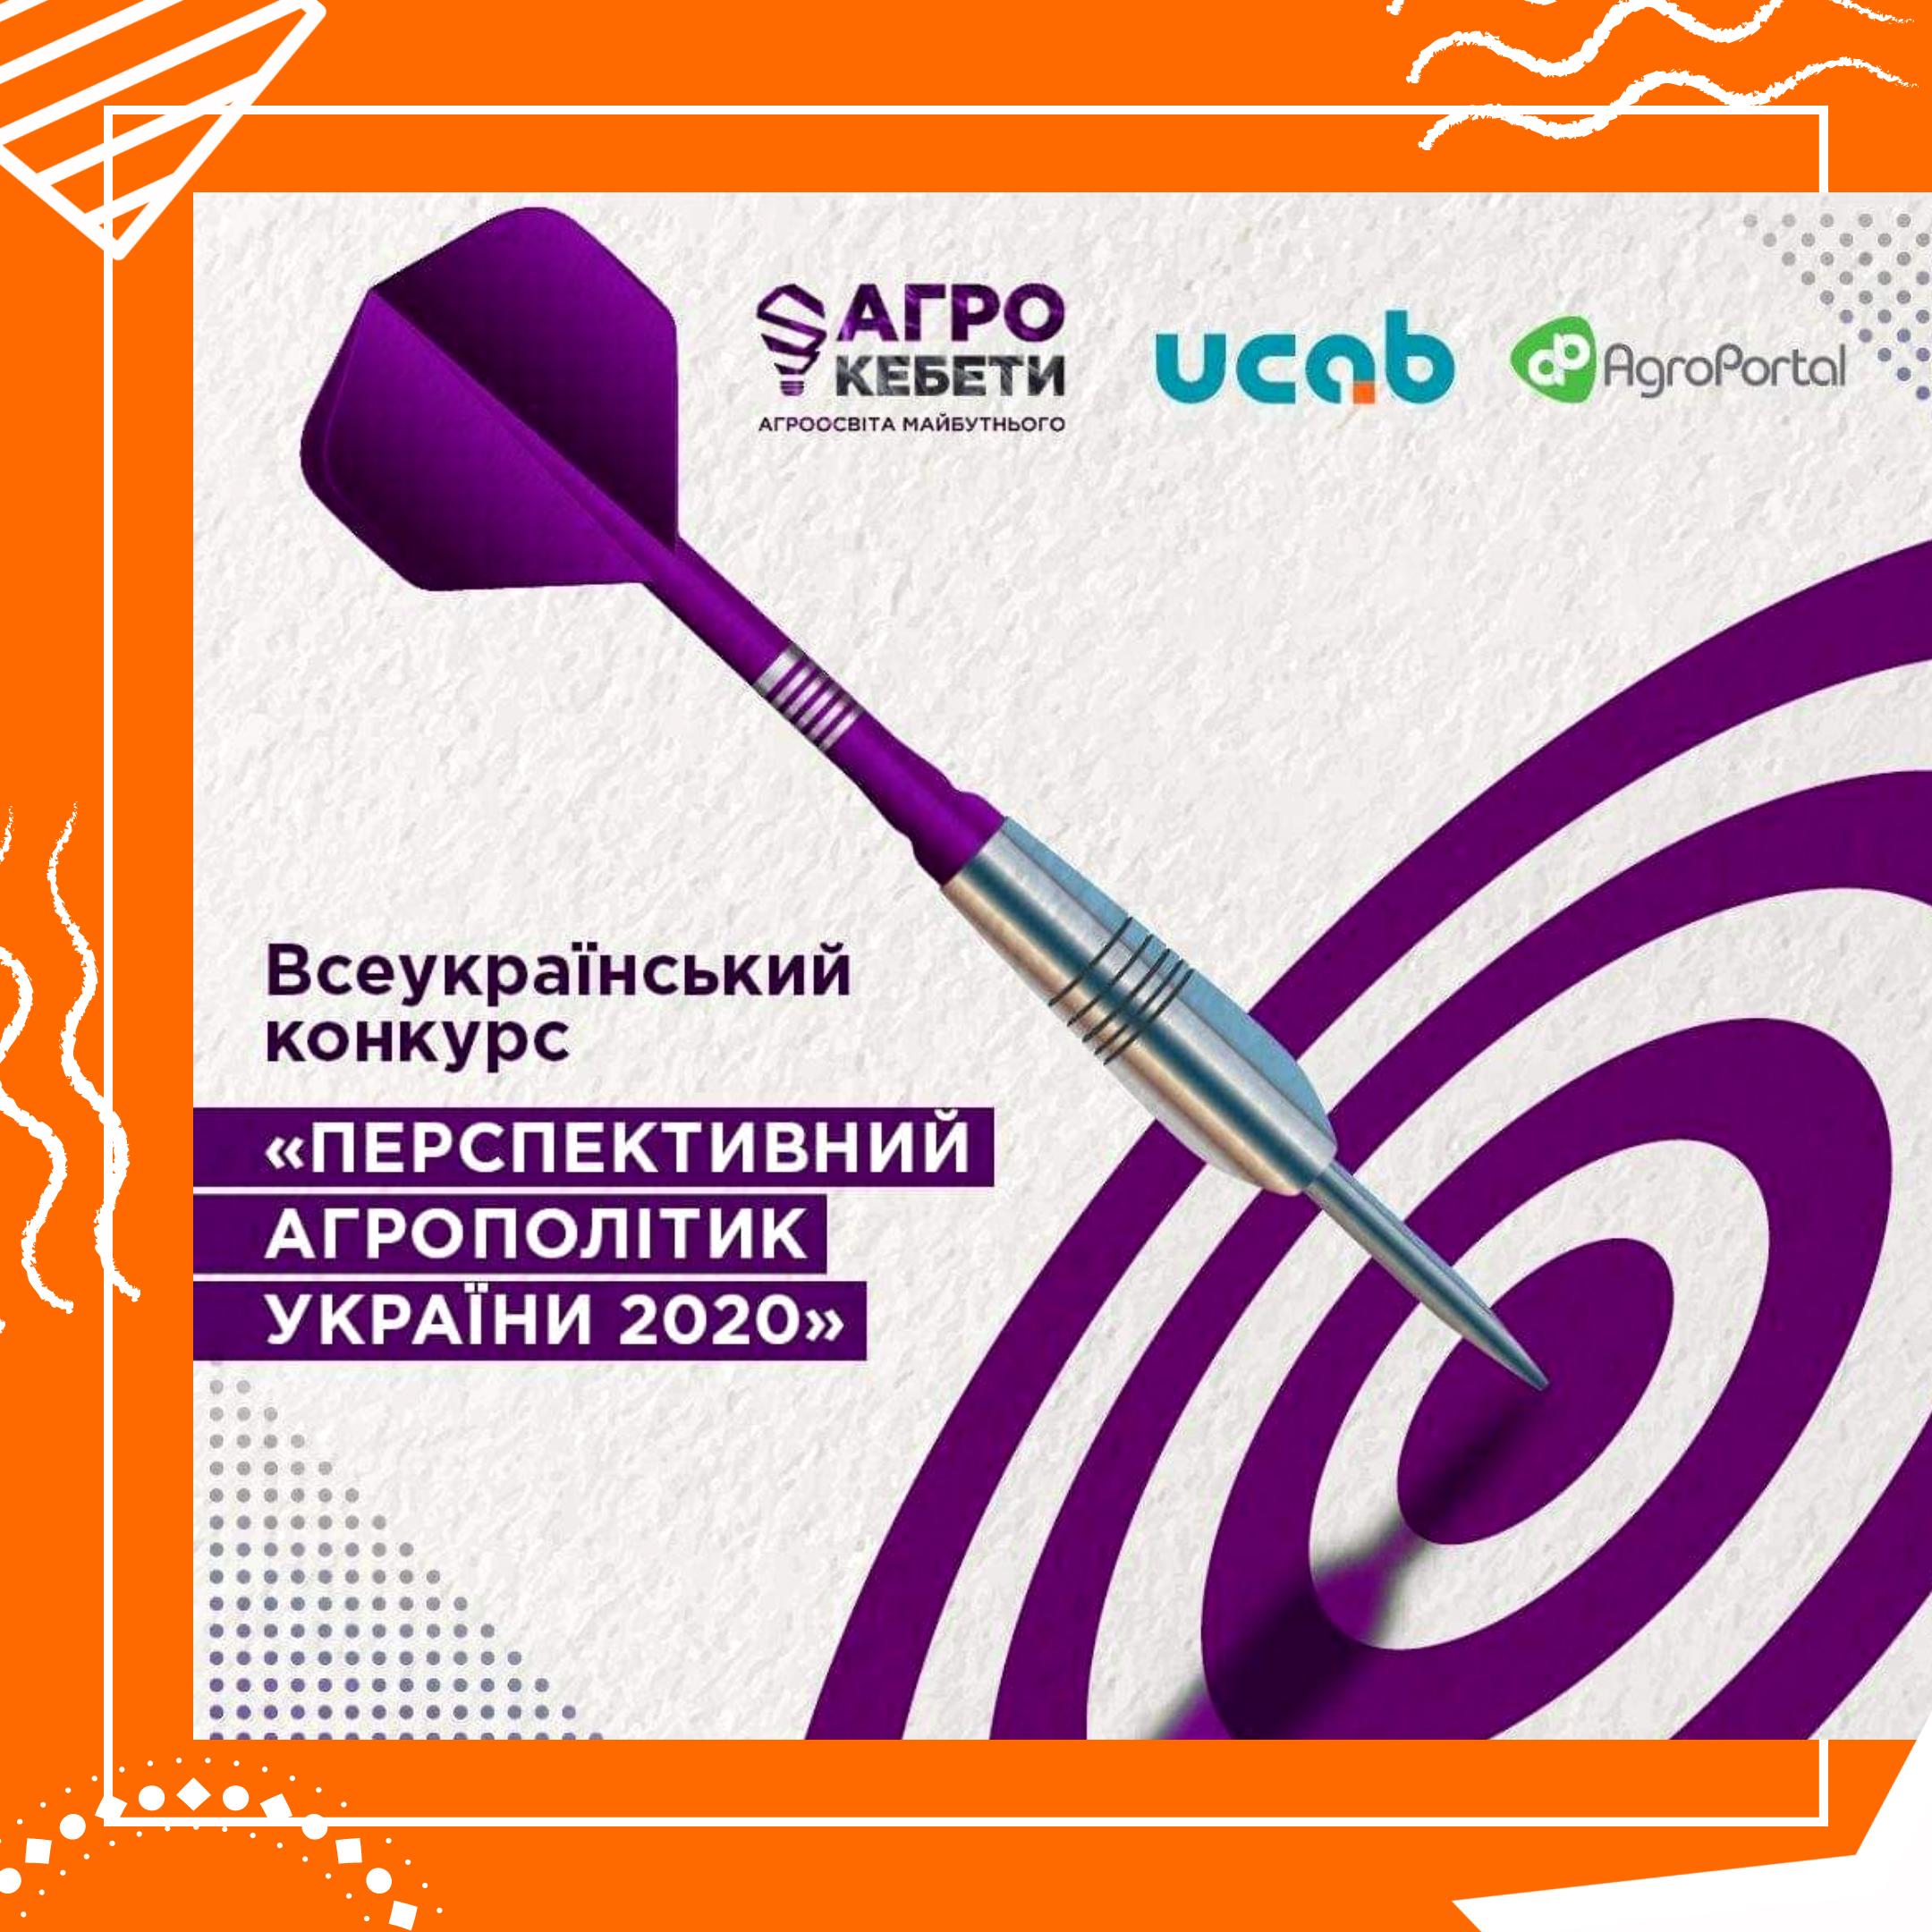 (Українська) Перспективний агрополітик України 2020